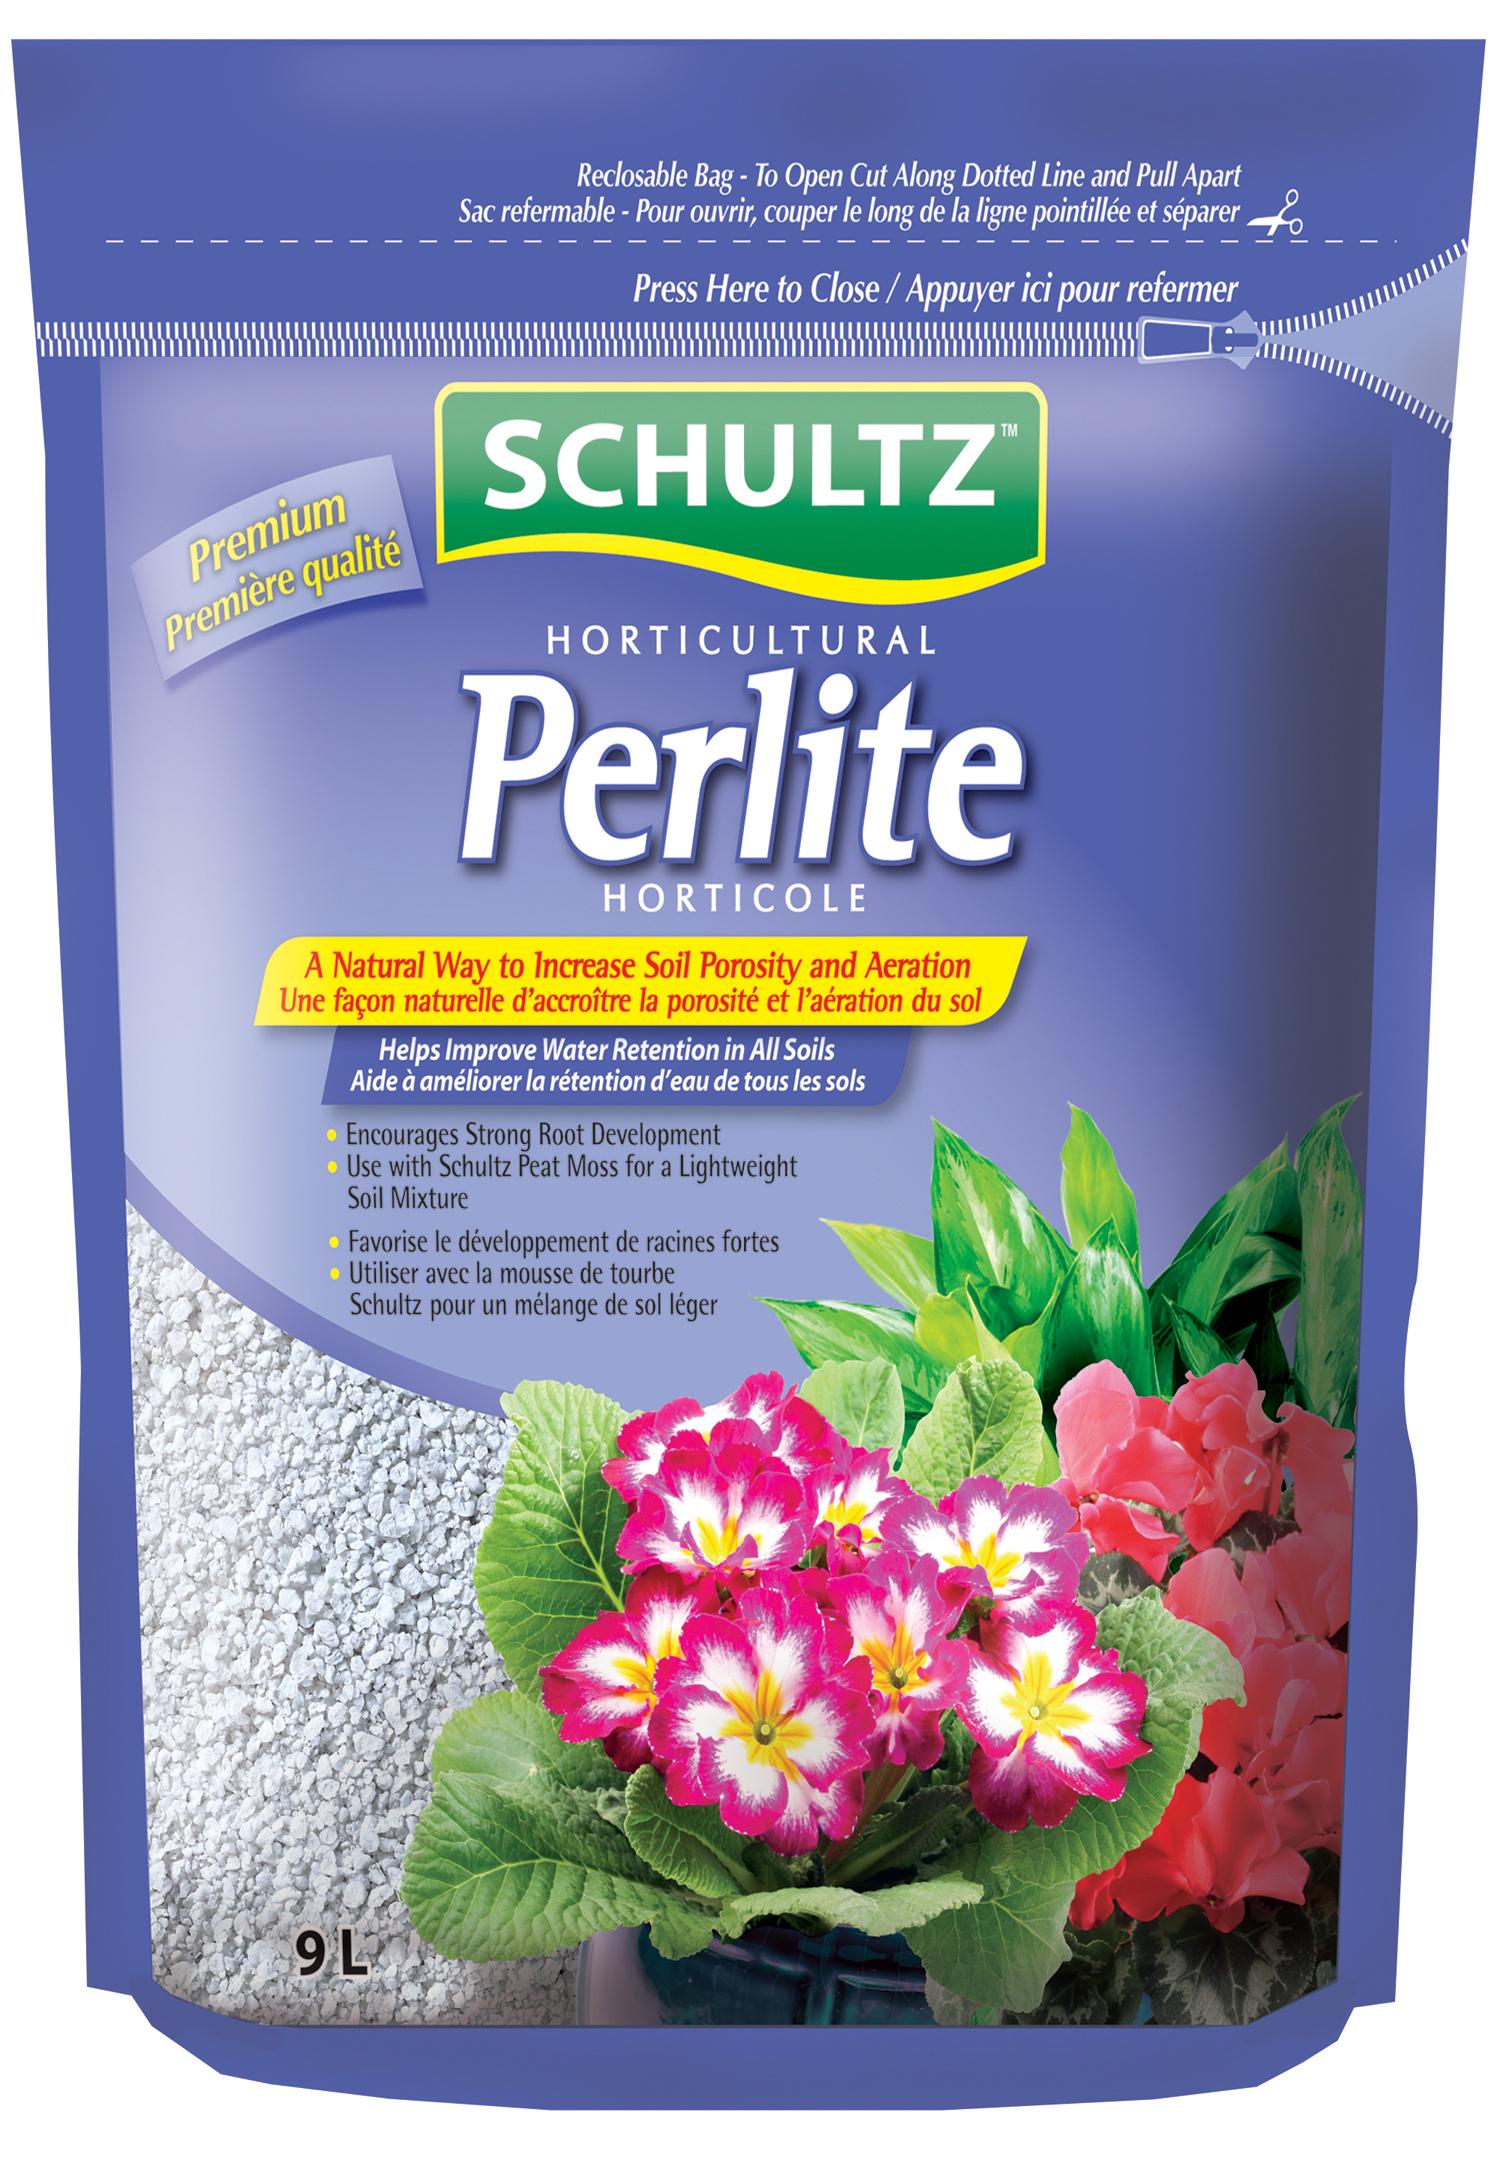 1800530_Schultz_Perlite_9L_Hi-res